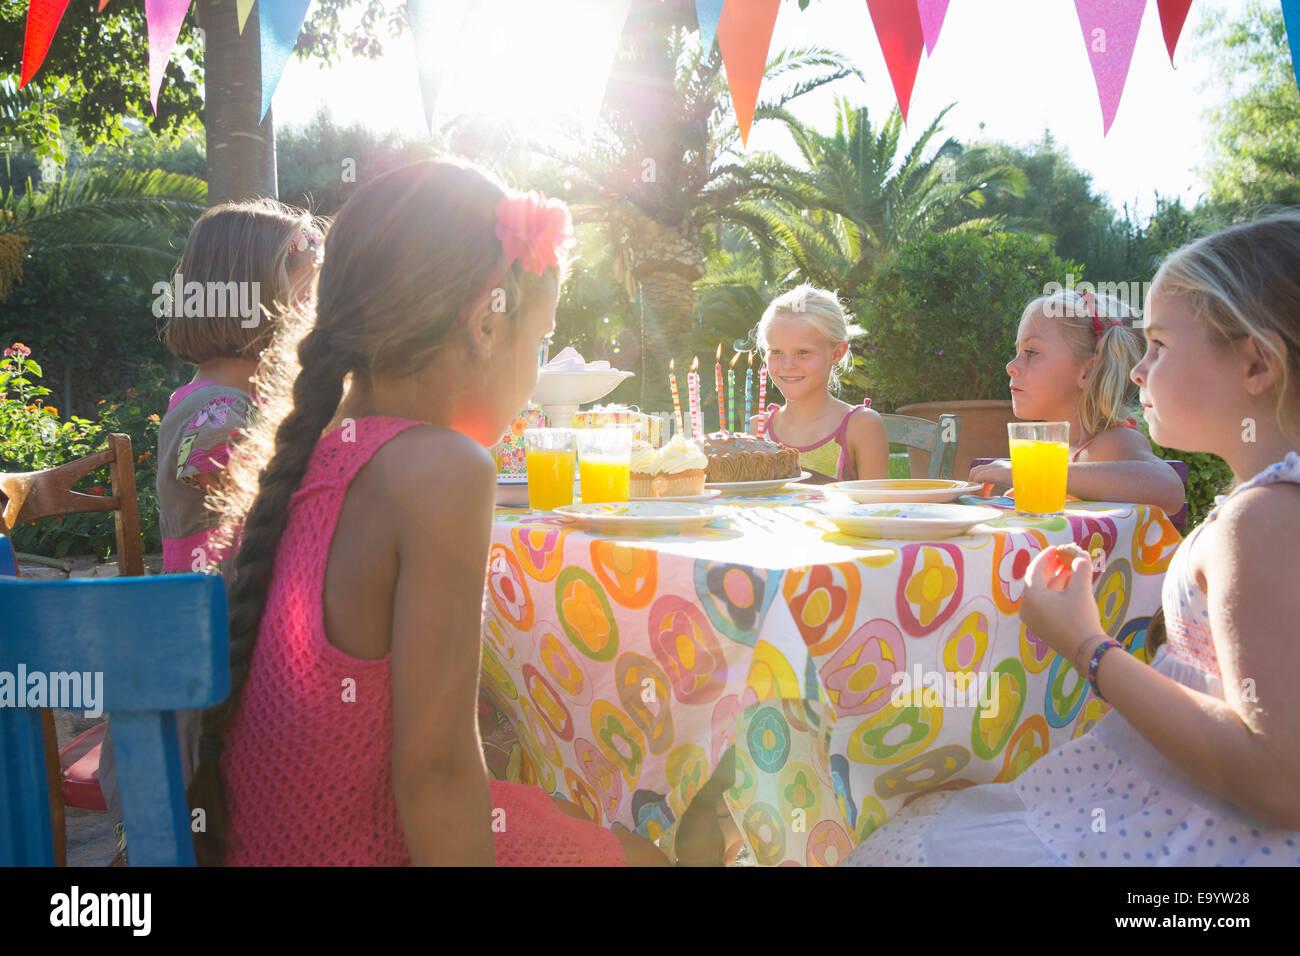 Les filles assis à table avec cuisine de fête d'anniversaire Photo Stock